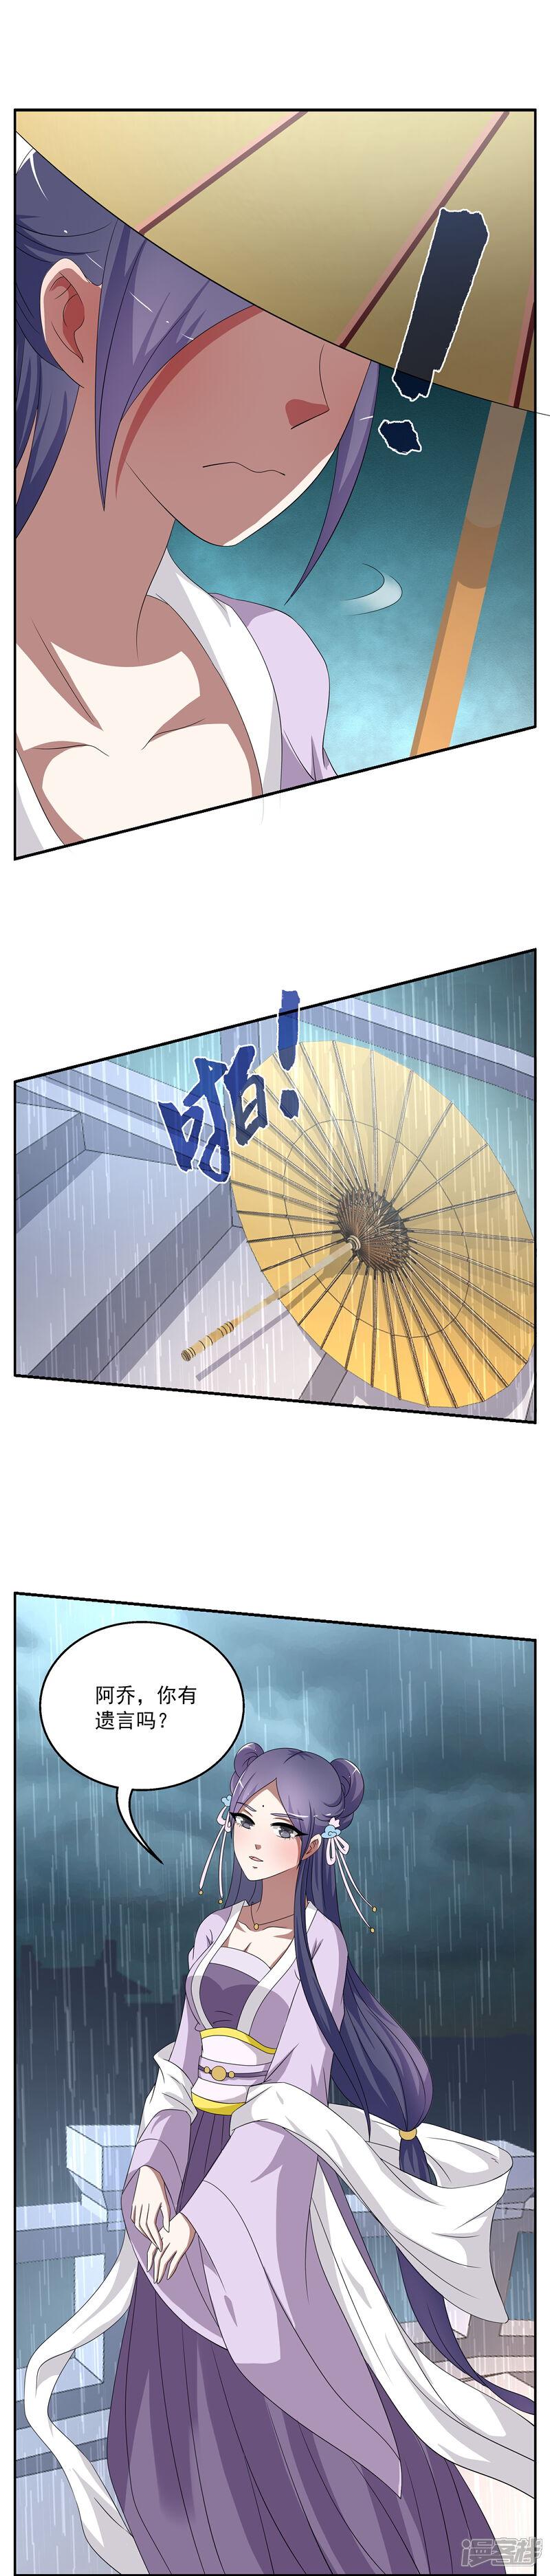 洛小妖189 (8).JPG